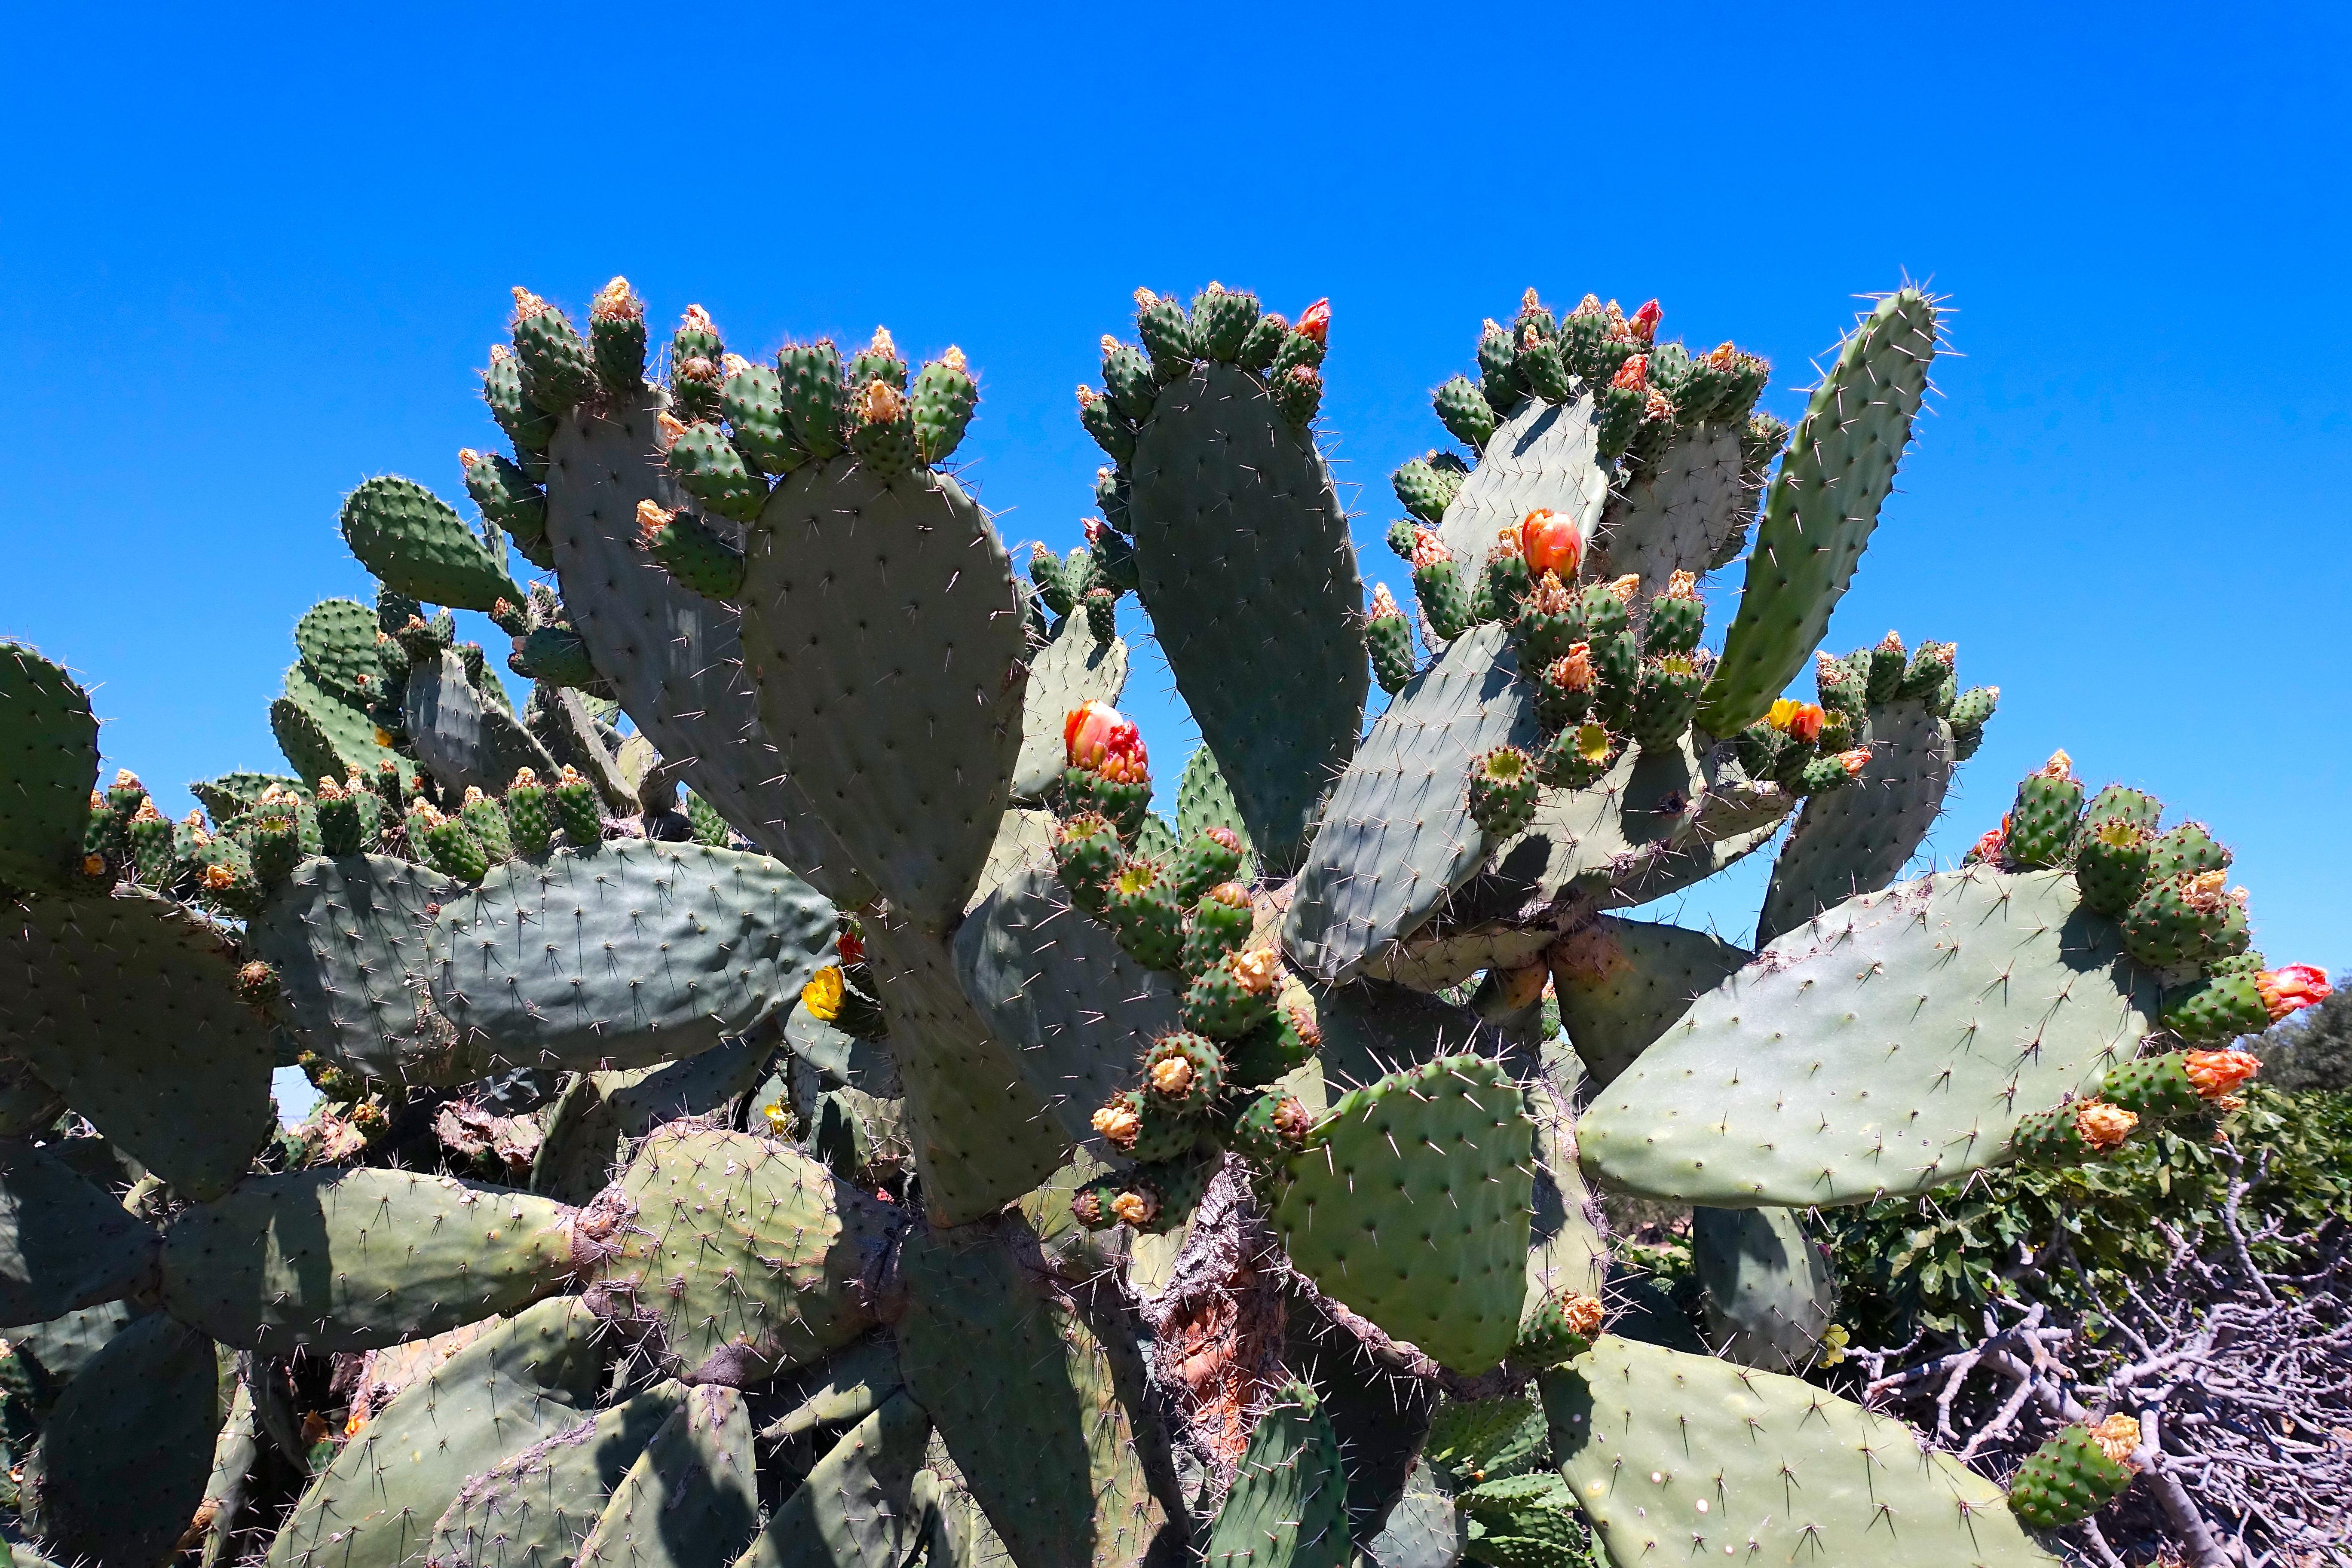 Tunisia Cactus Flowerering